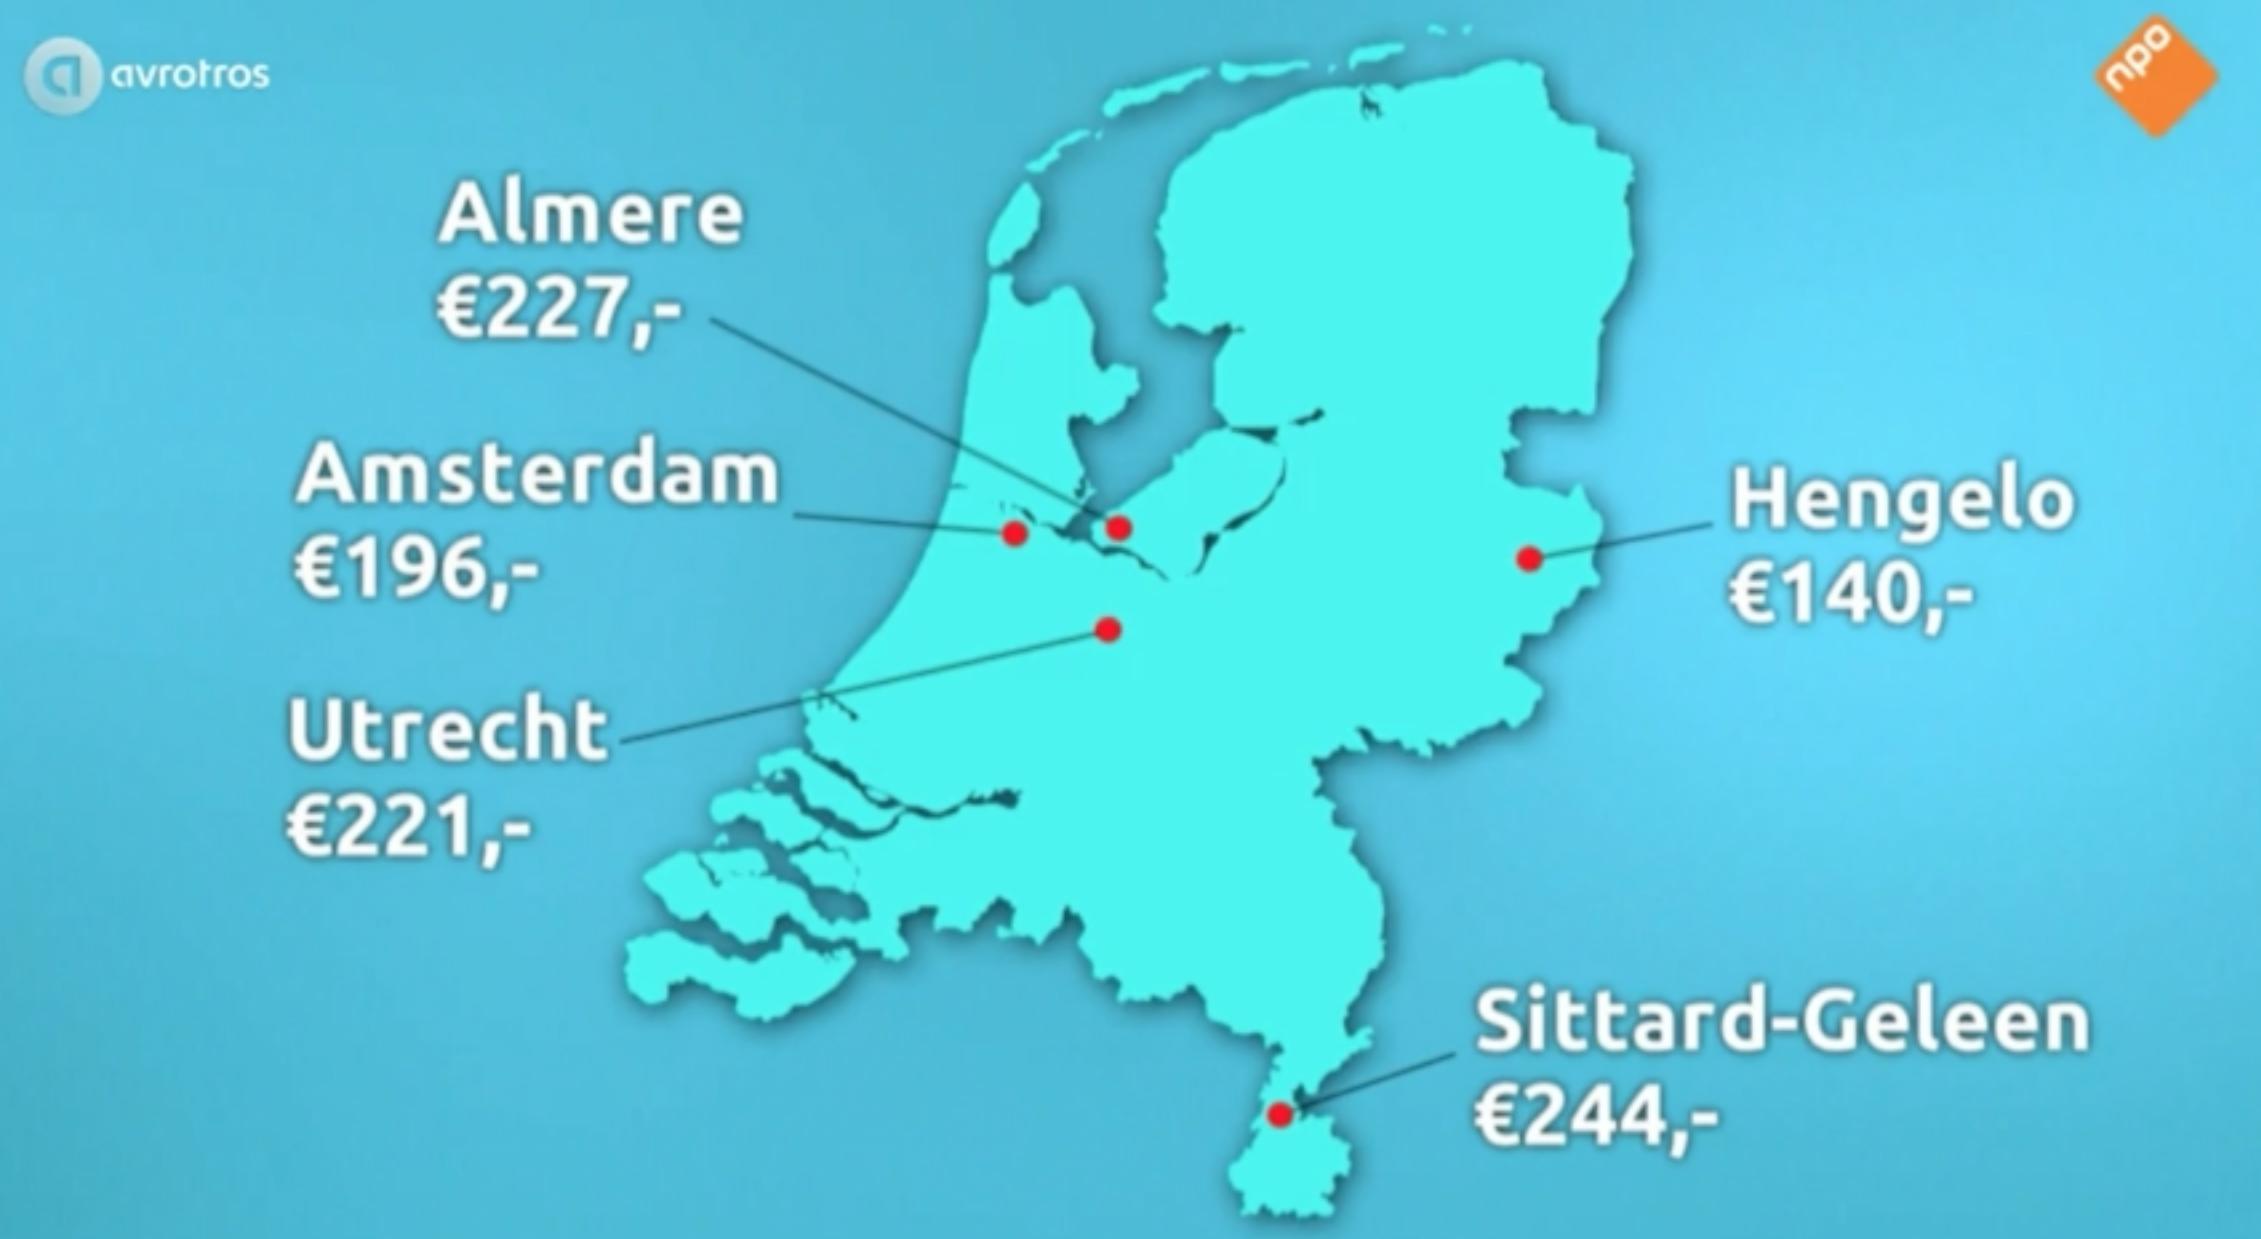 Hoge tarieven stadsverwarming in Nederland